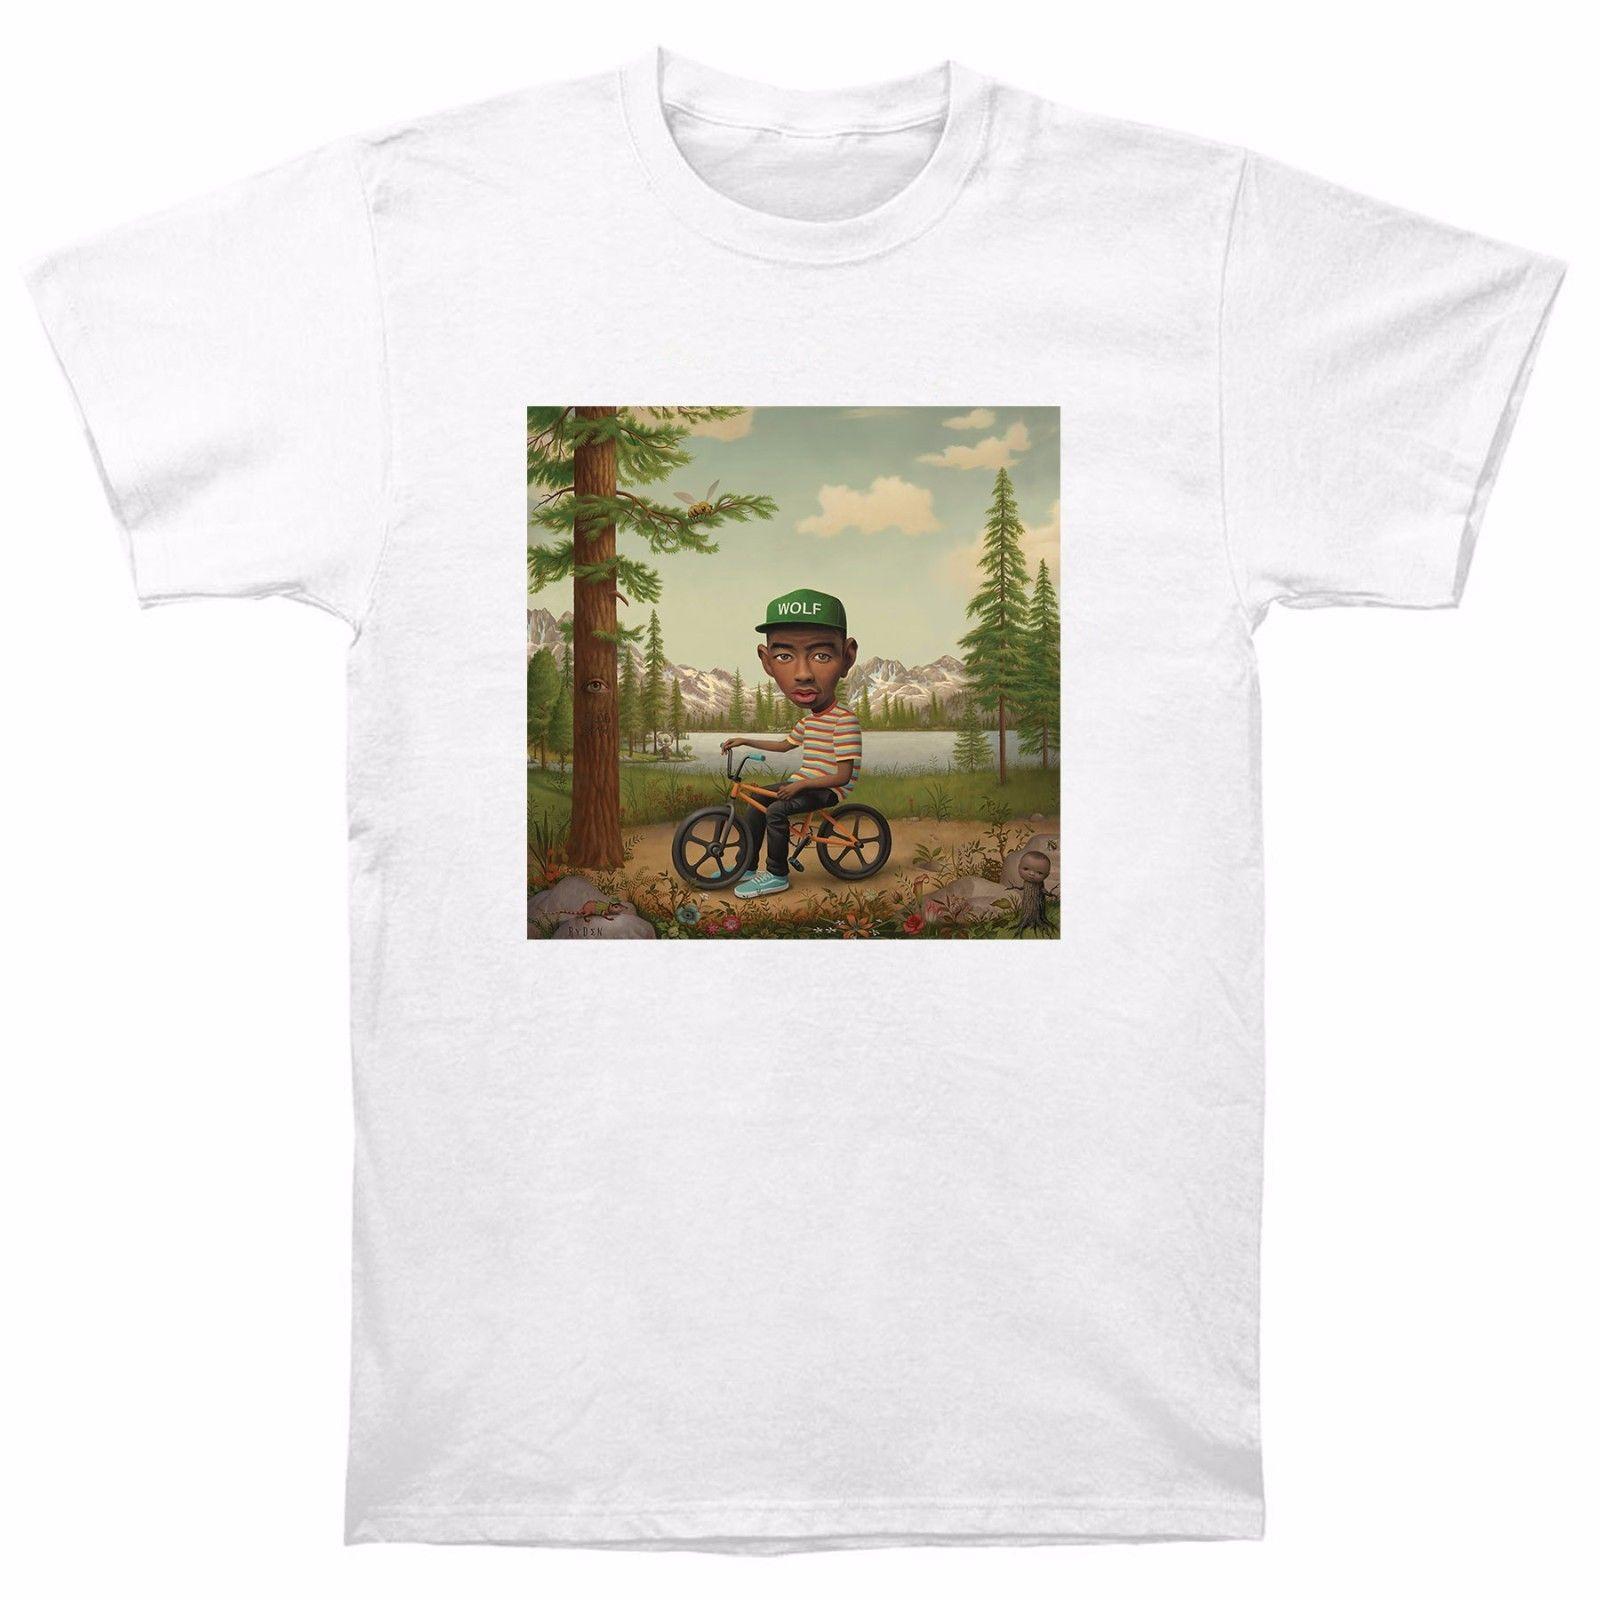 f6af72415e7d Tyler The Creator Wolf T Shirt EARL Odd Future Wolf Gang HIP HOP OFWGKTA OF  New Tee T Good T Shirt Design From Printforless51